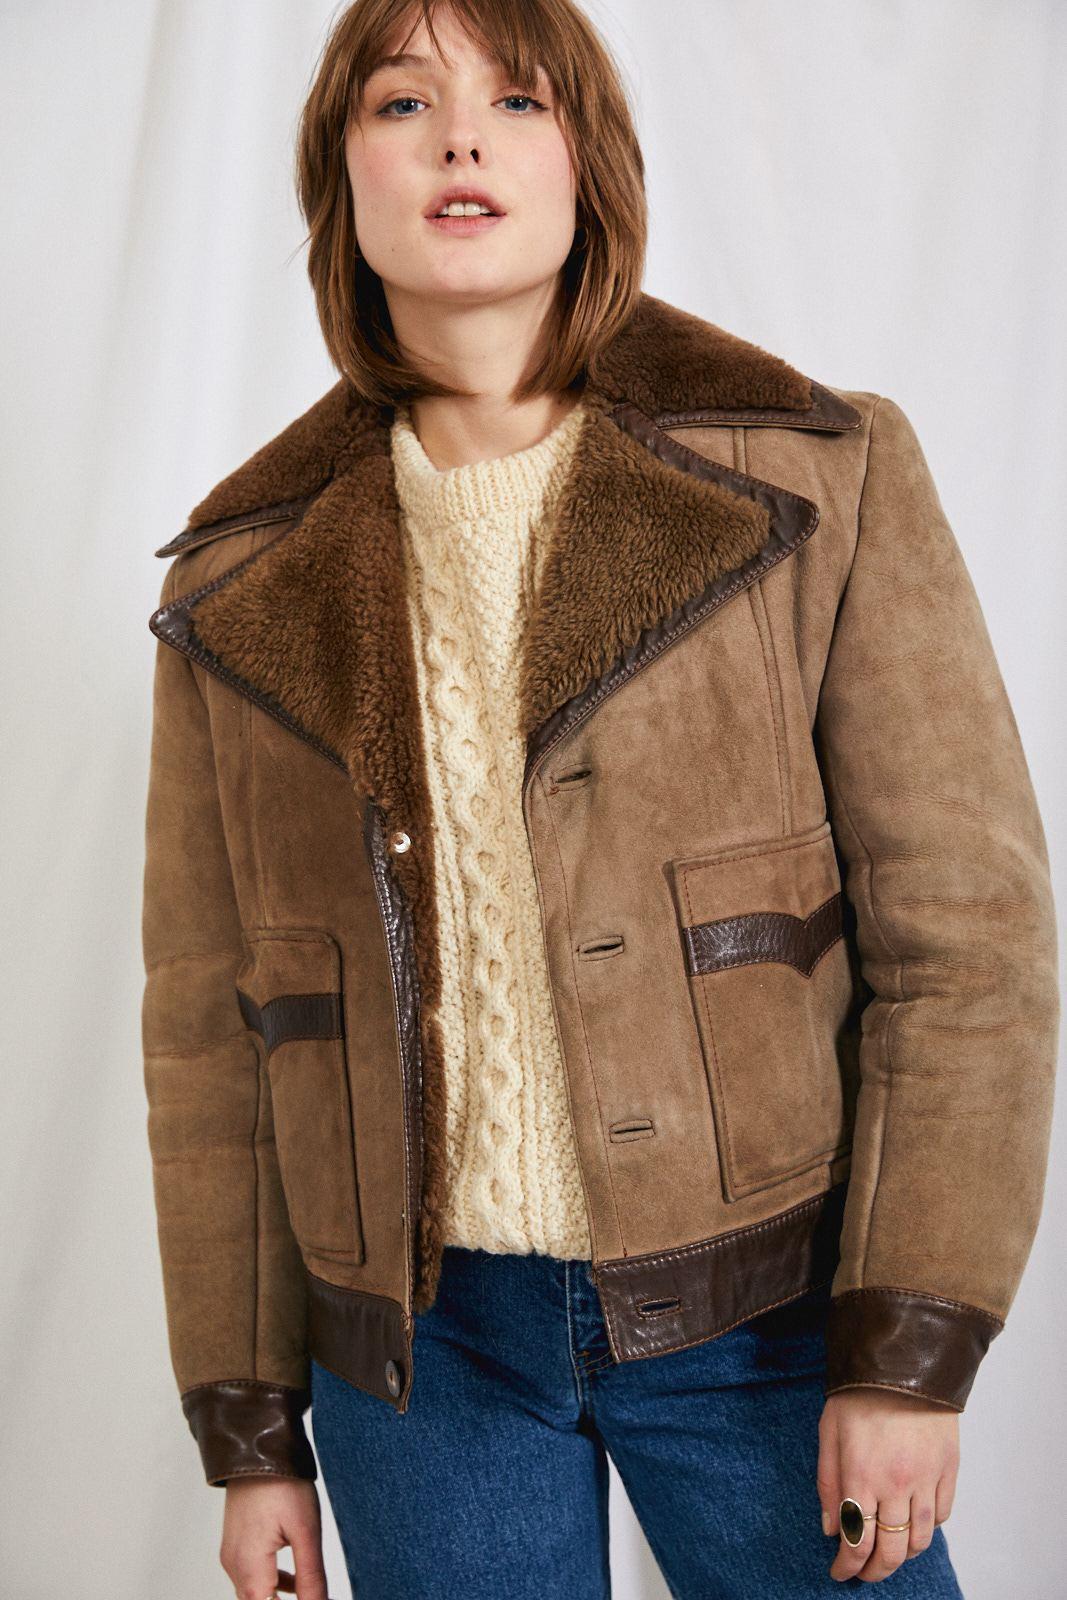 Manteaux - Blouson peau lainée